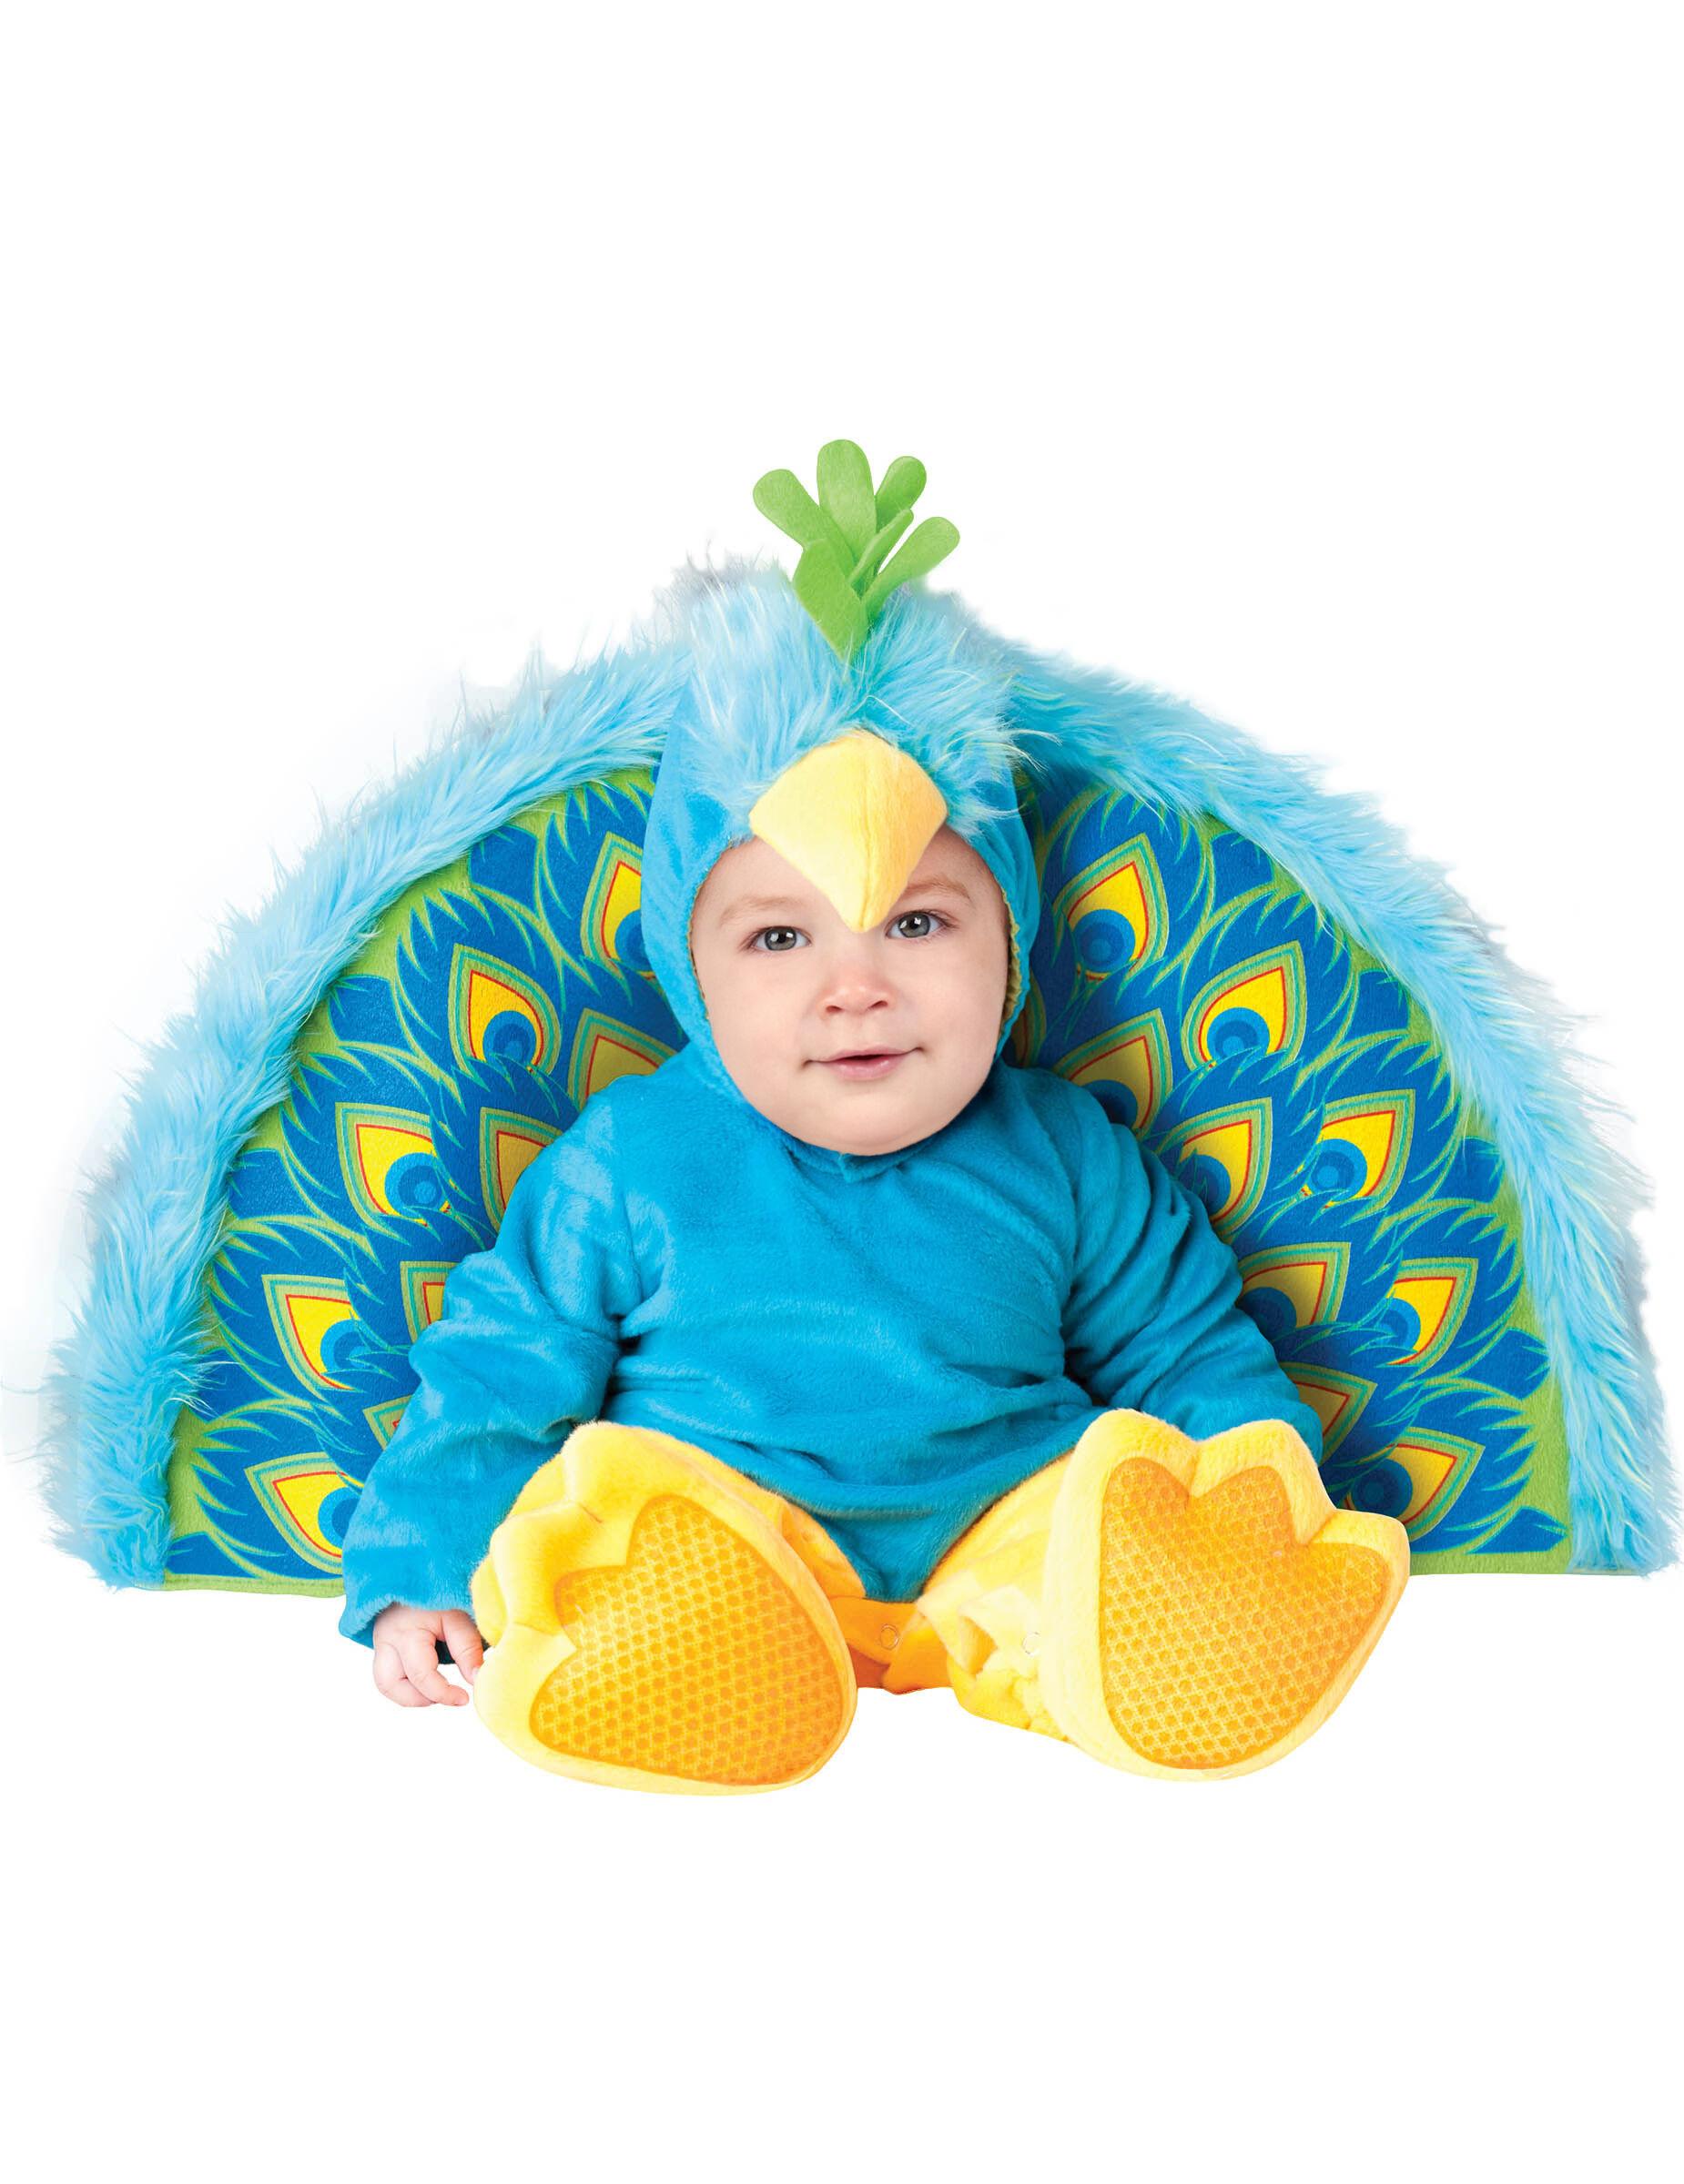 Deguisetoi Déguisement Paon pour bébé - Premium - Taille: 0-6 mois (58-66 cm)